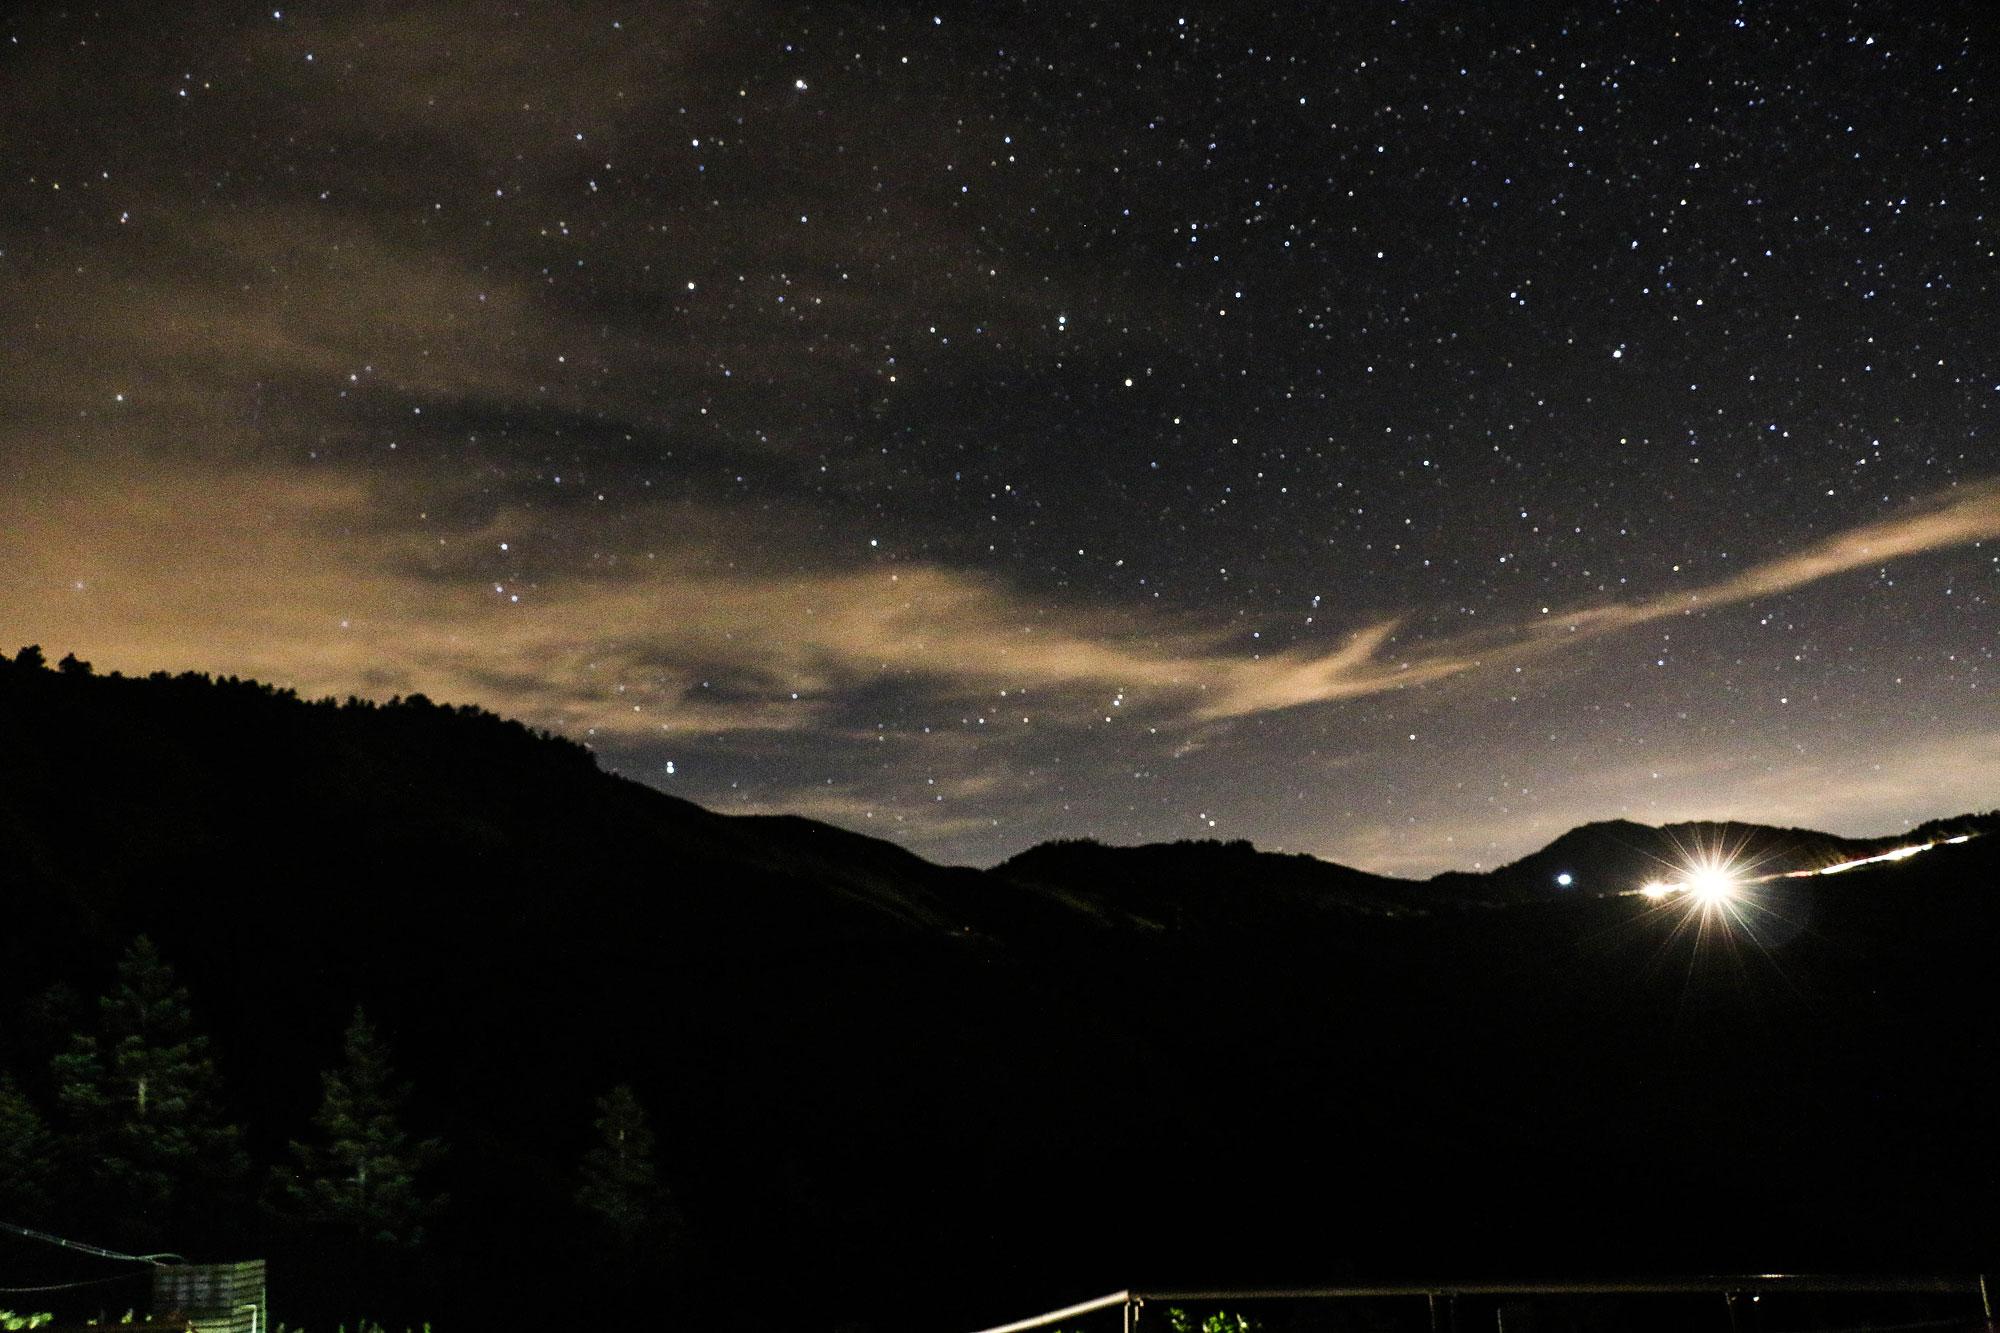 獲得國際暗天協會認證,臺灣第一座國際暗空公園合歡山的夜空,是此行的重點。